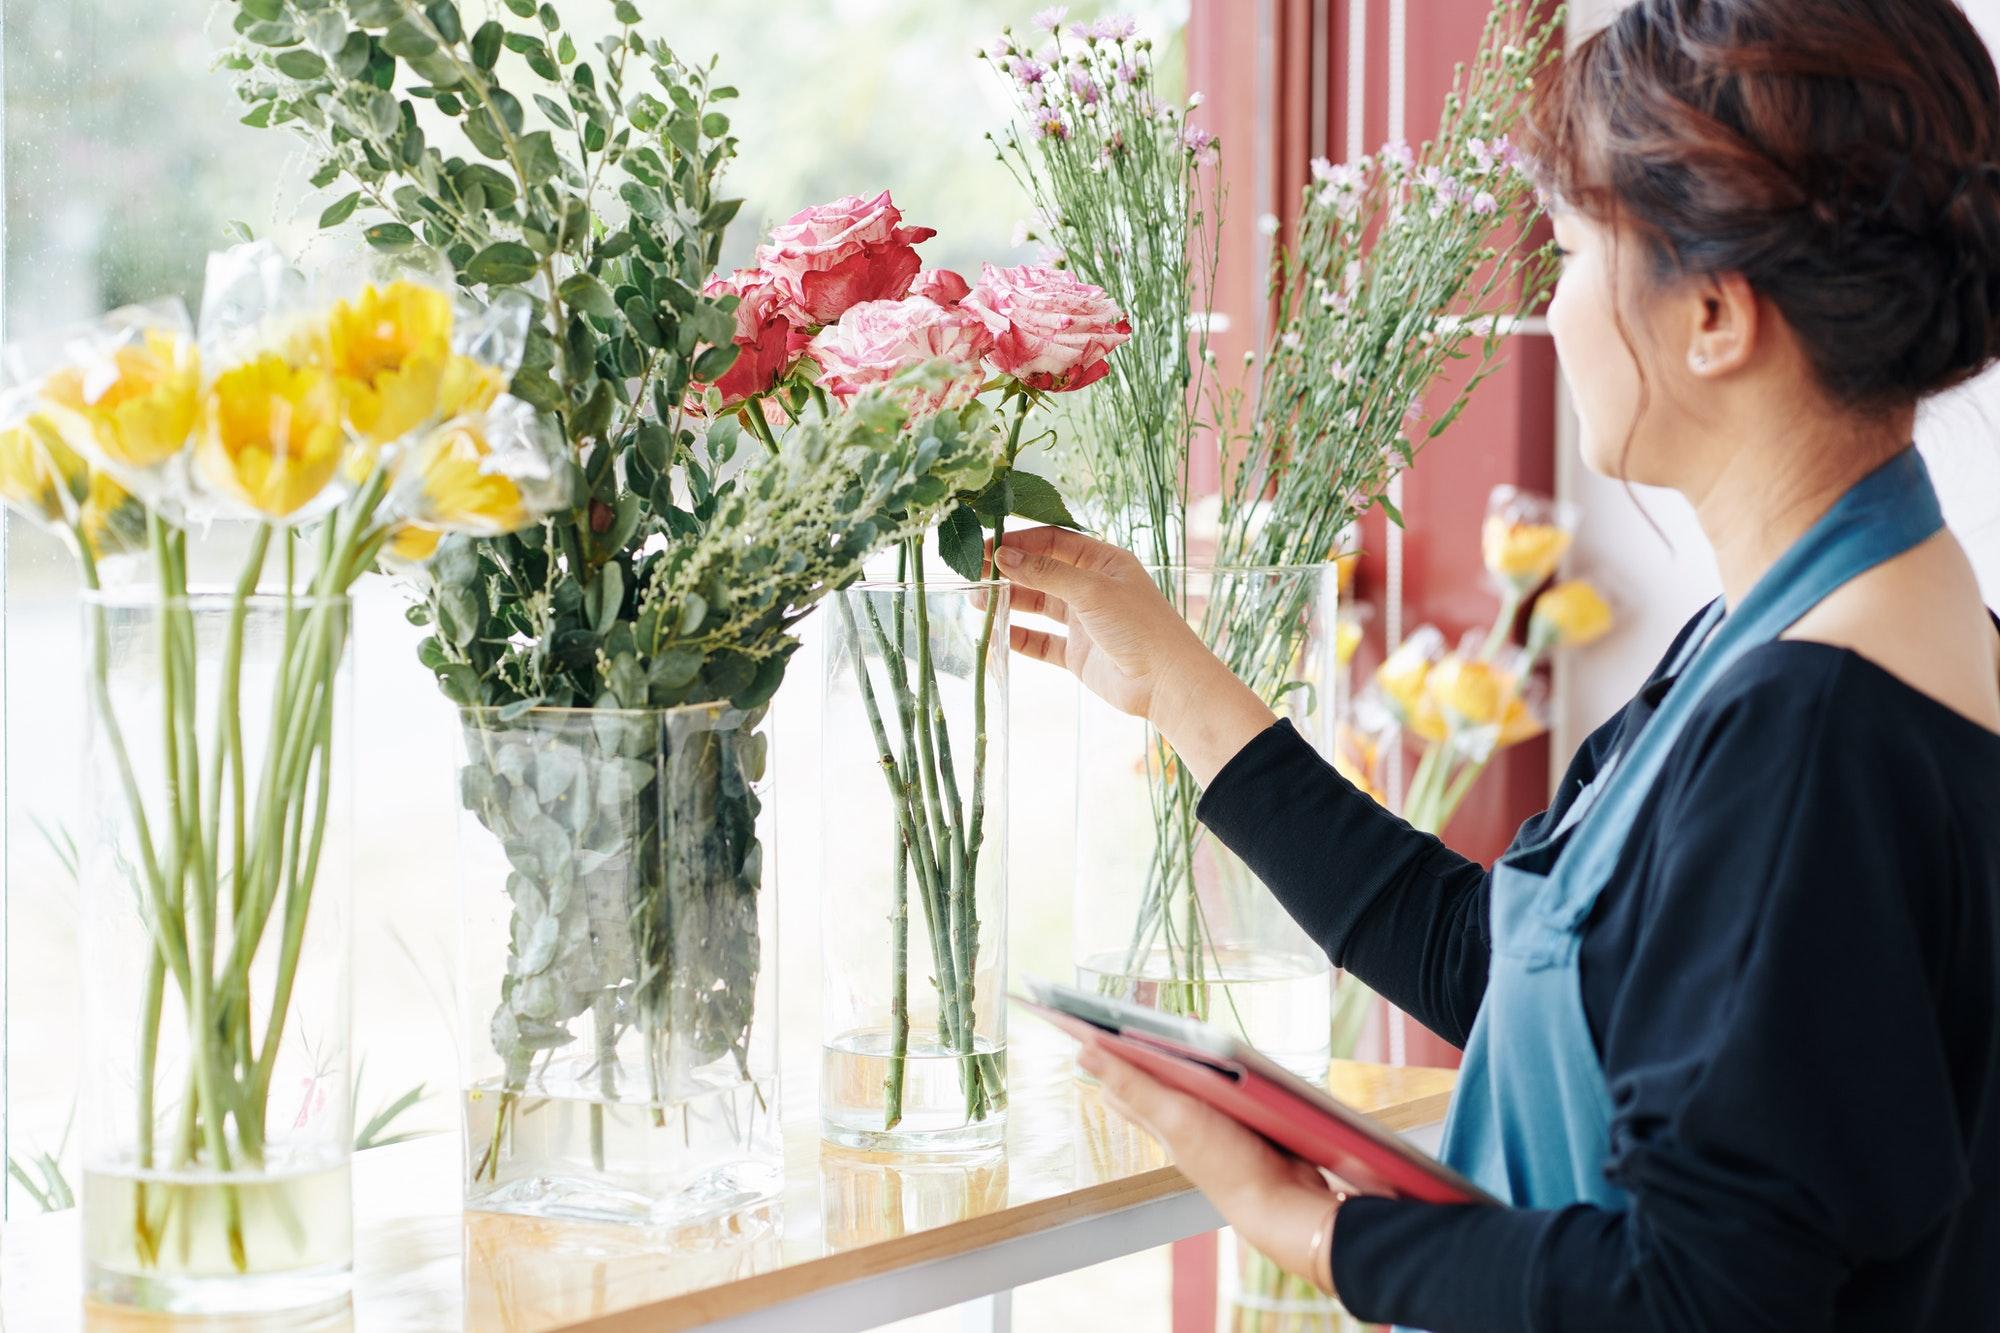 Florist showing flowers for bouquet